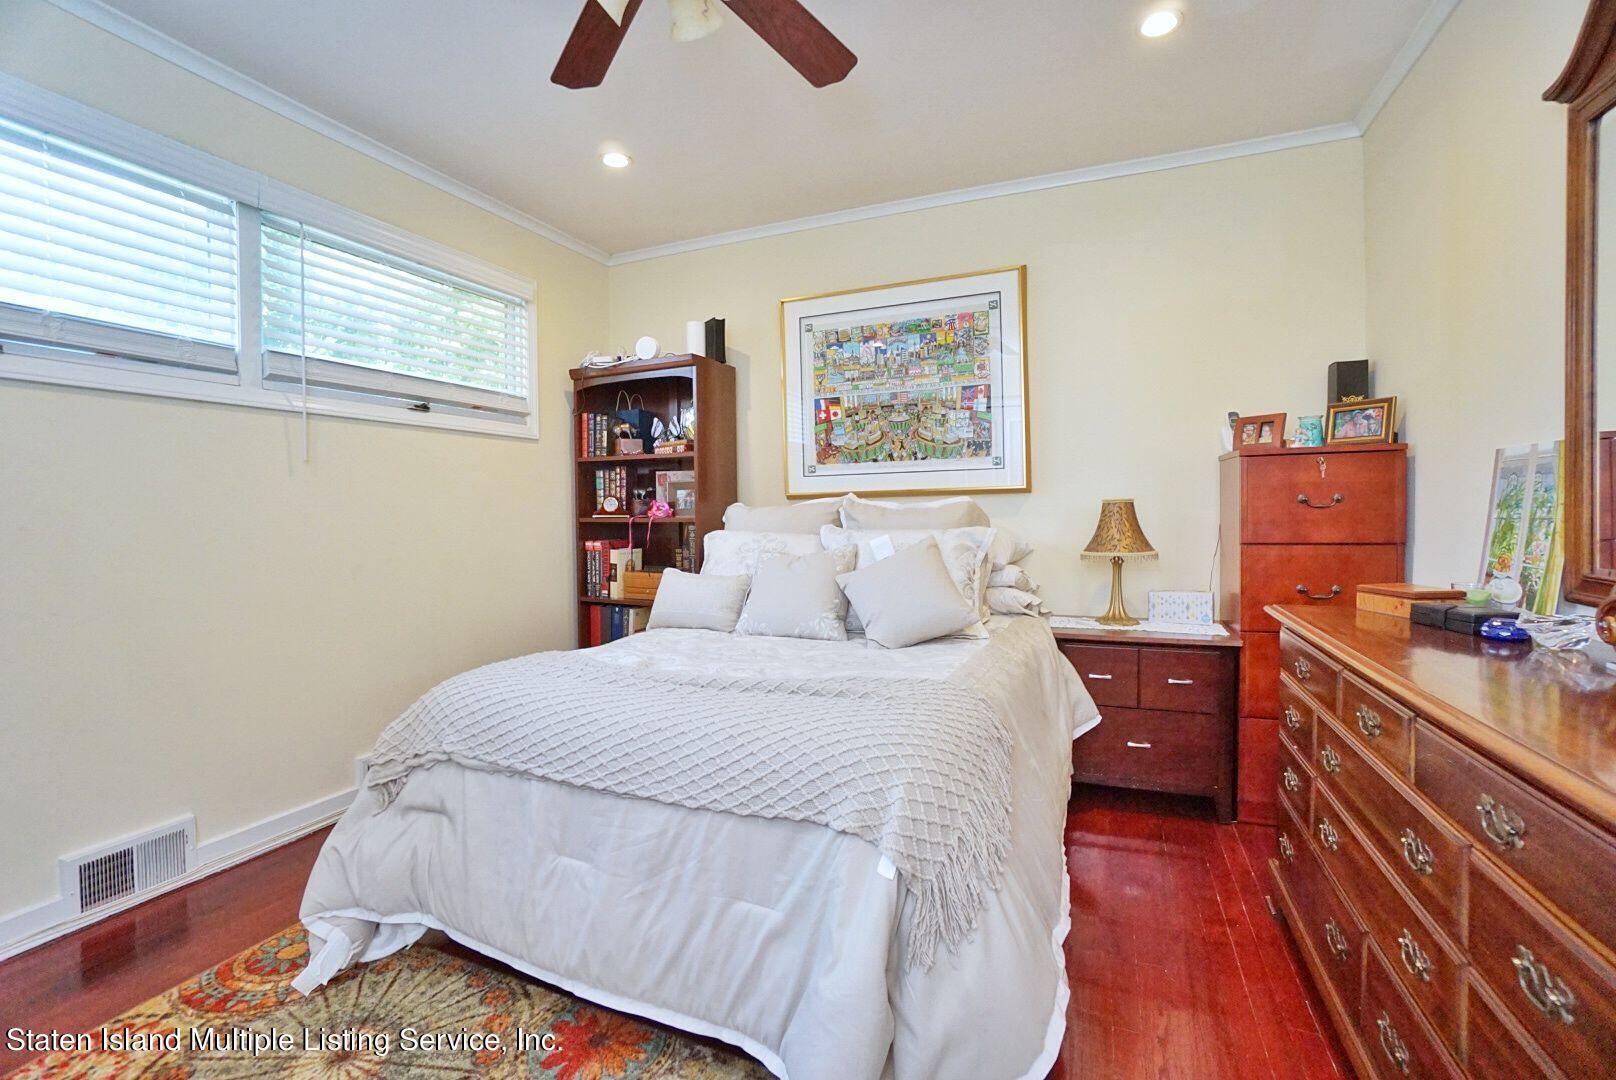 Single Family - Detached 29 City Boulevard  Staten Island, NY 10301, MLS-1147694-27